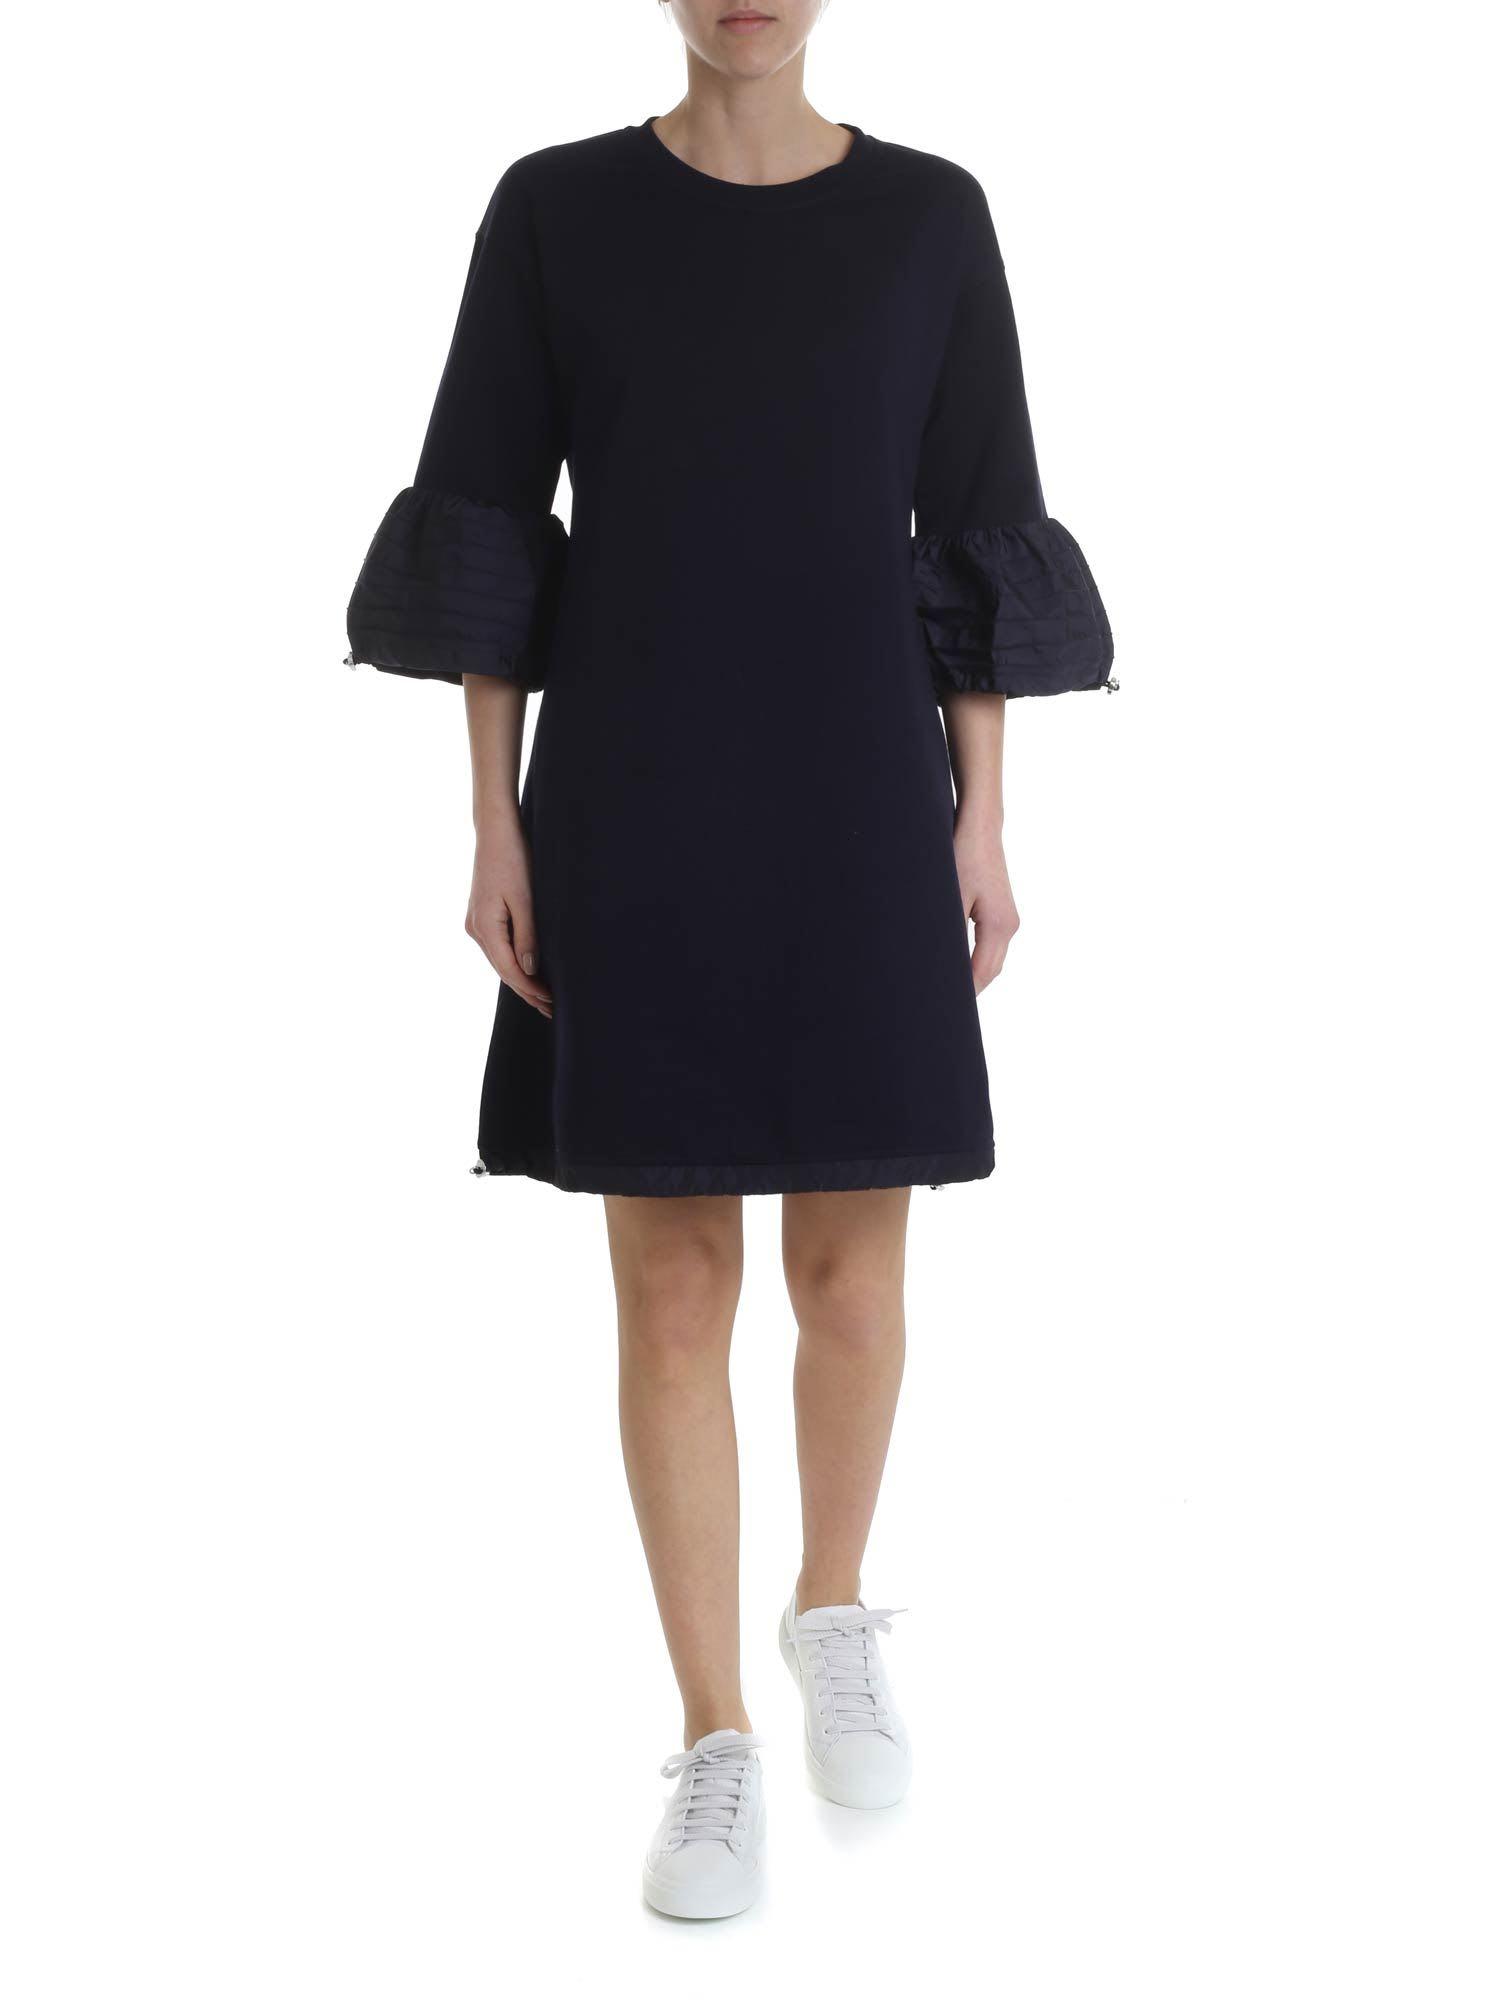 Moncler – Dress